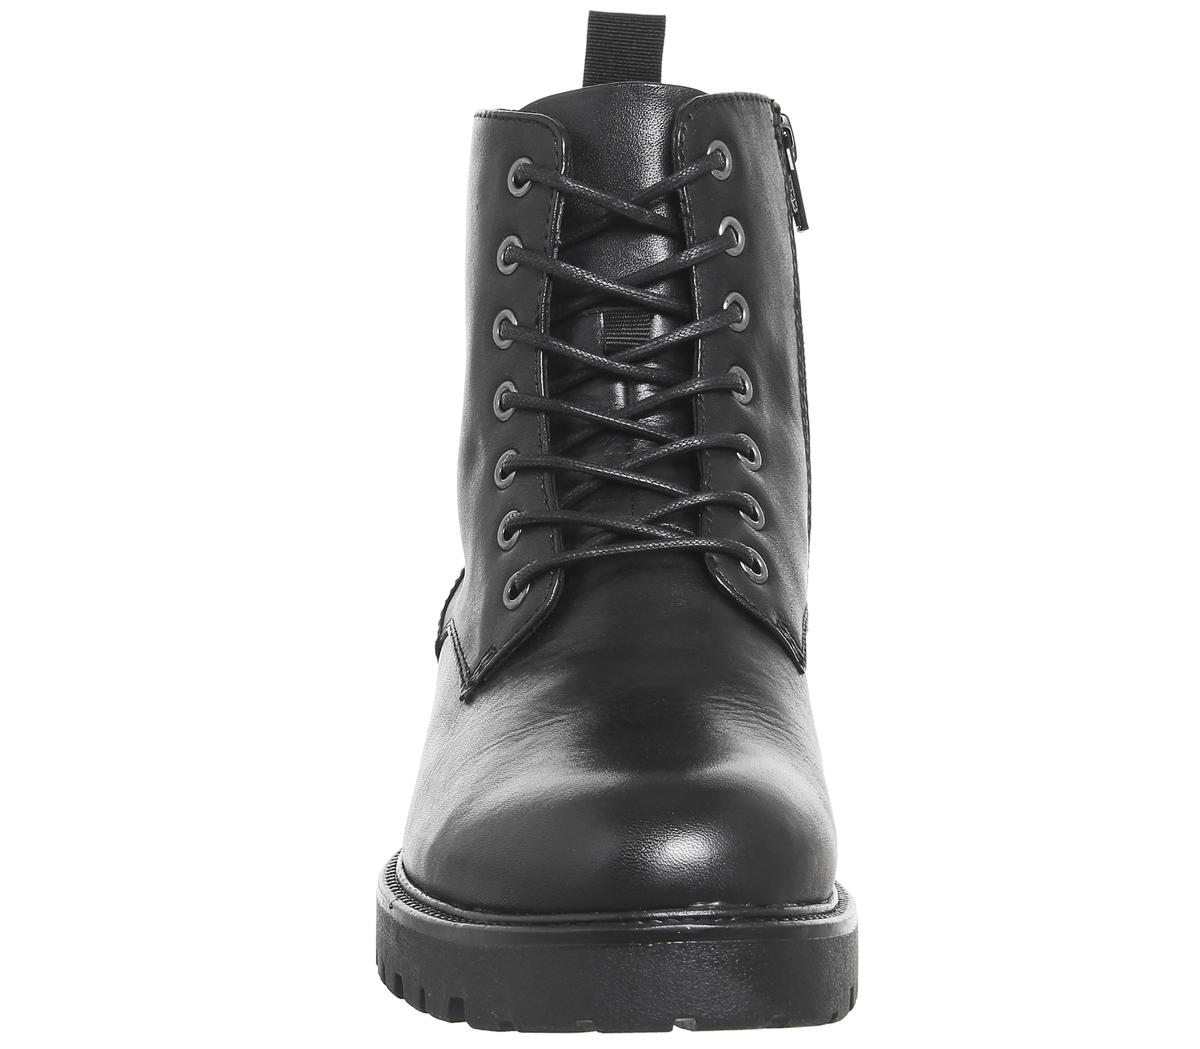 0194574e156 Details about Womens Vagabond Kenova Lace Boots Black Leather Boots